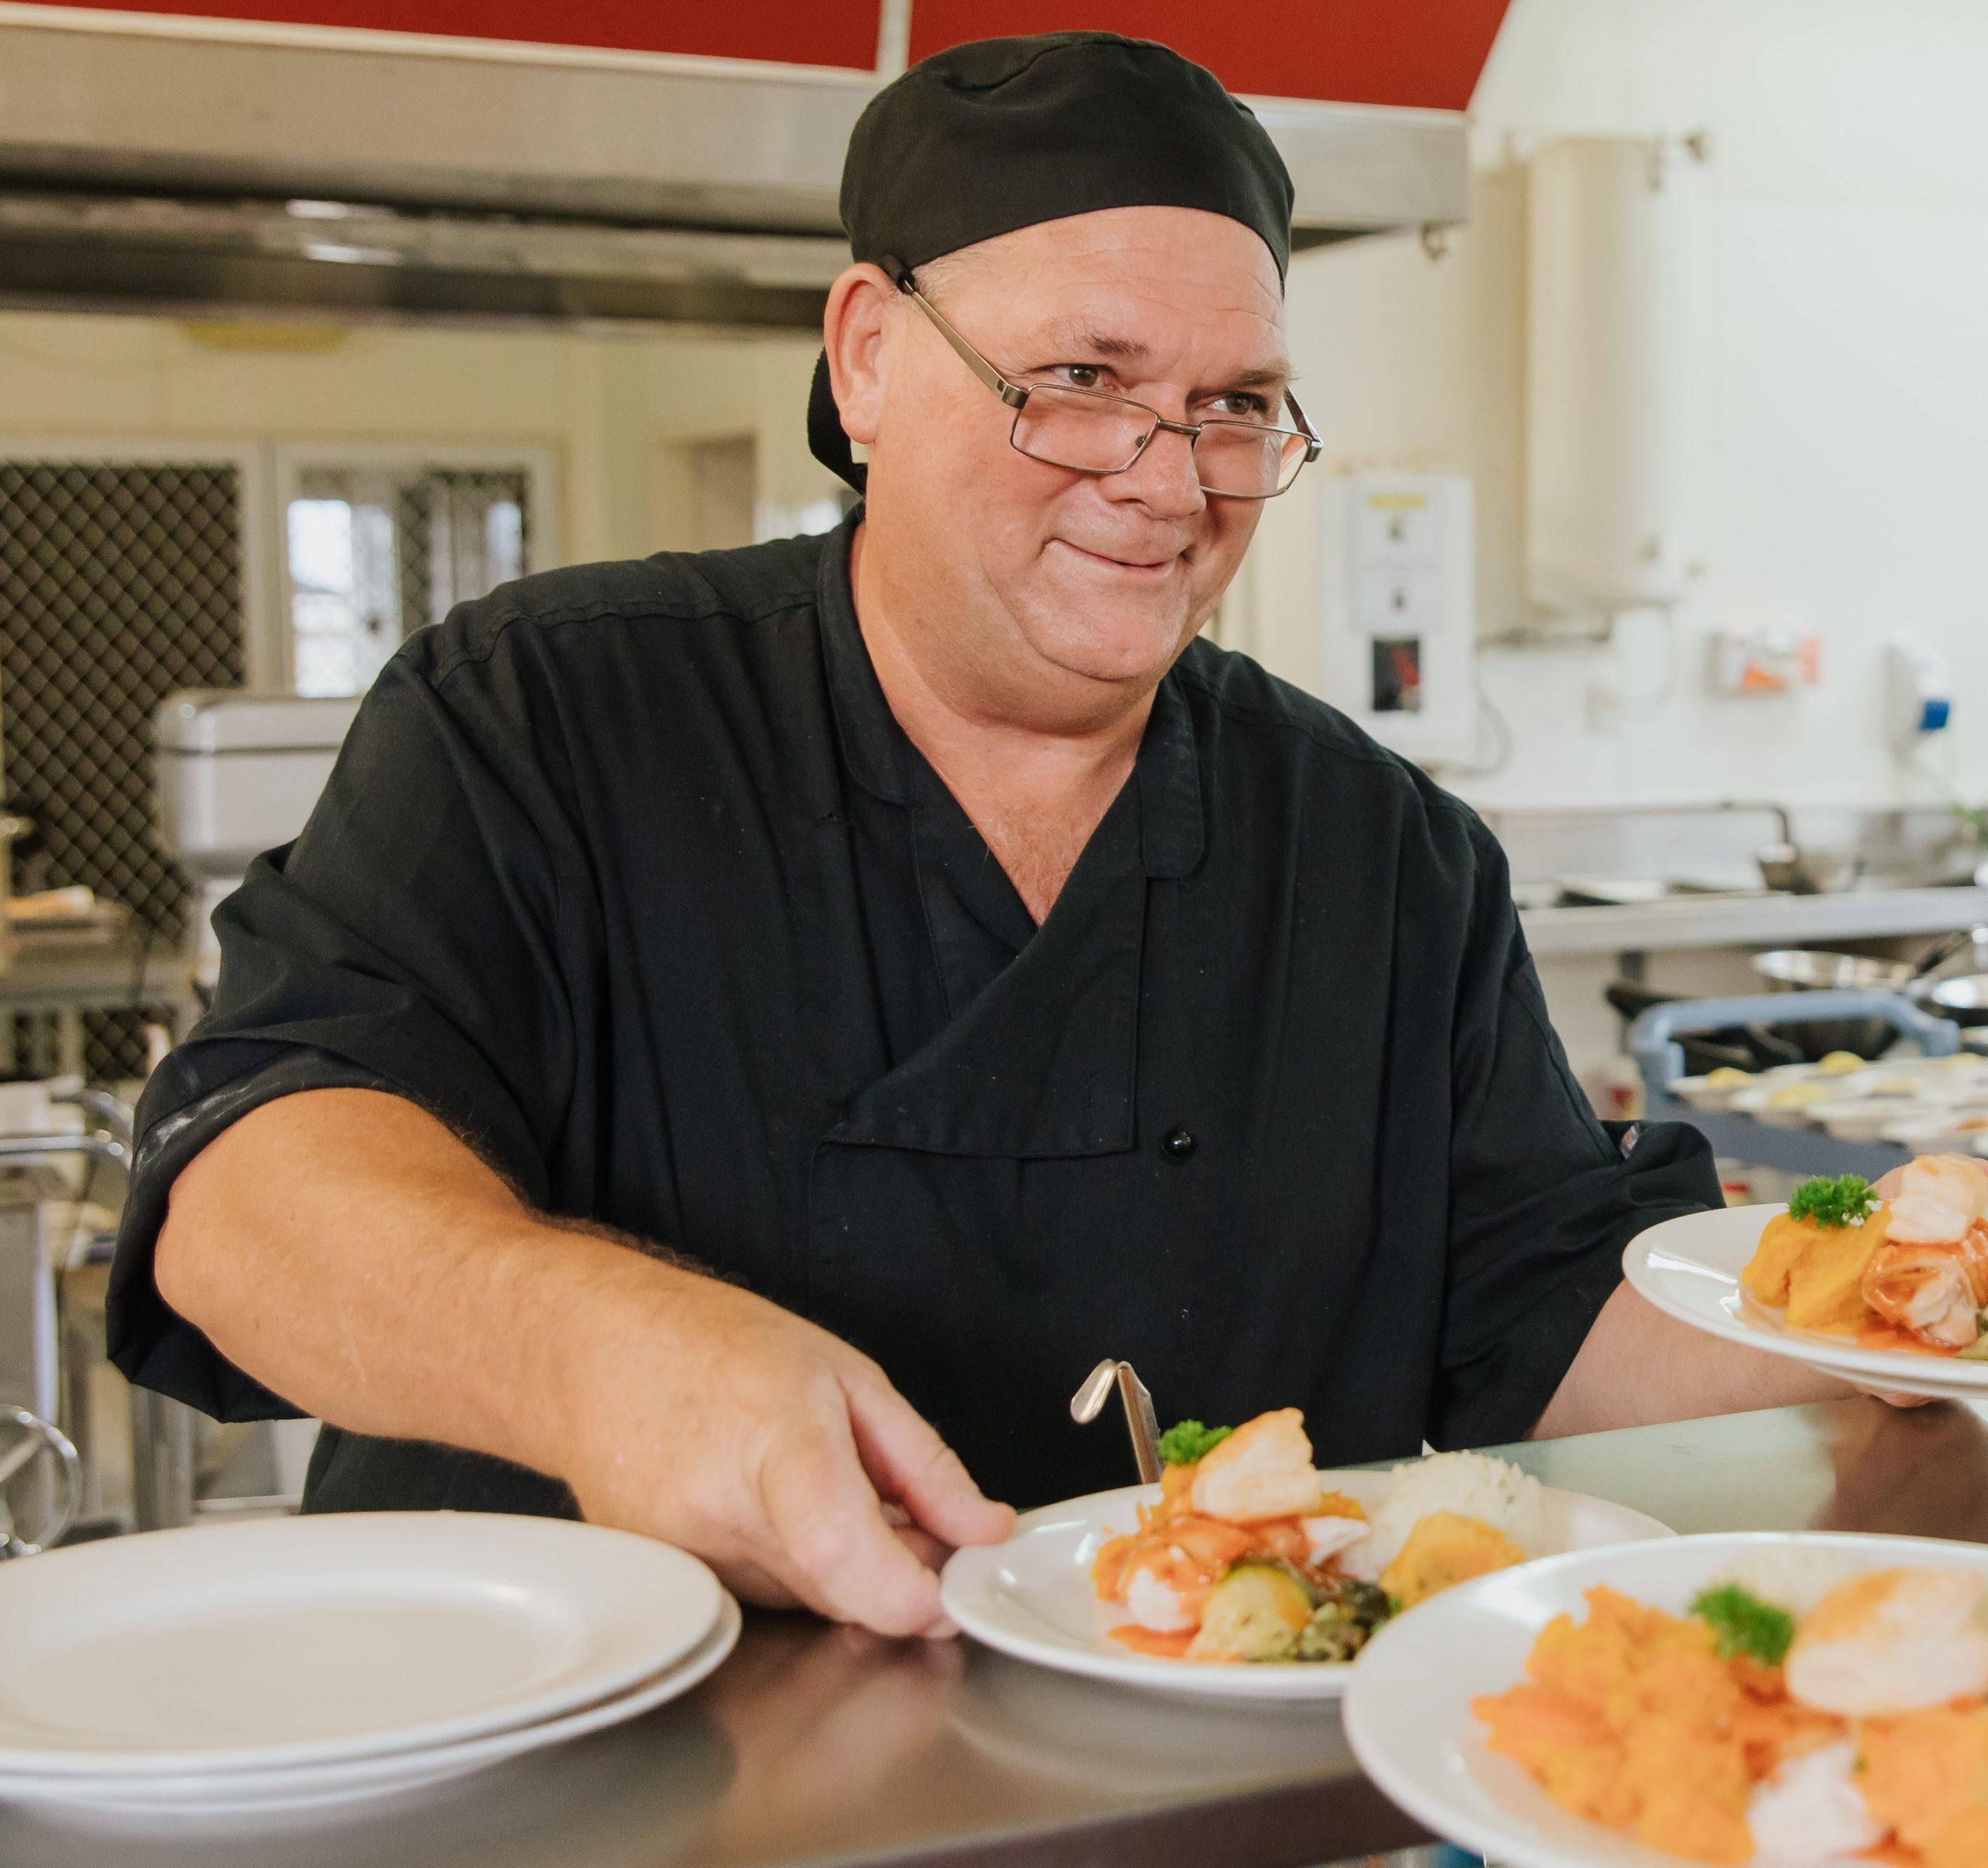 Dean chef